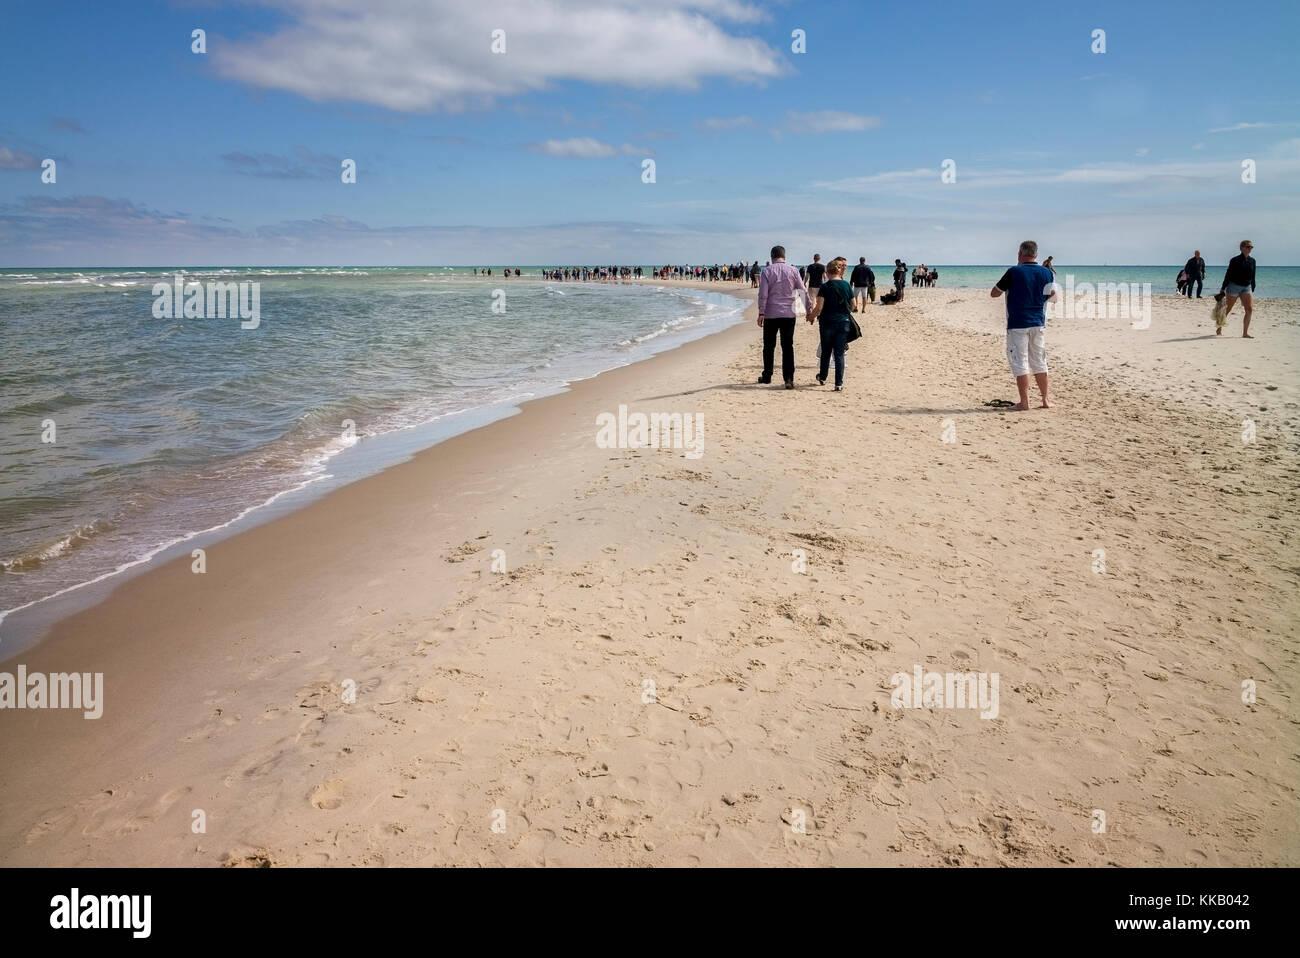 Skagen Strand Halbinsel Landspitze, Konferenz der Nord- und Ostsee, Grenen, Skagen, Nordjütland, Dänemark Stockbild